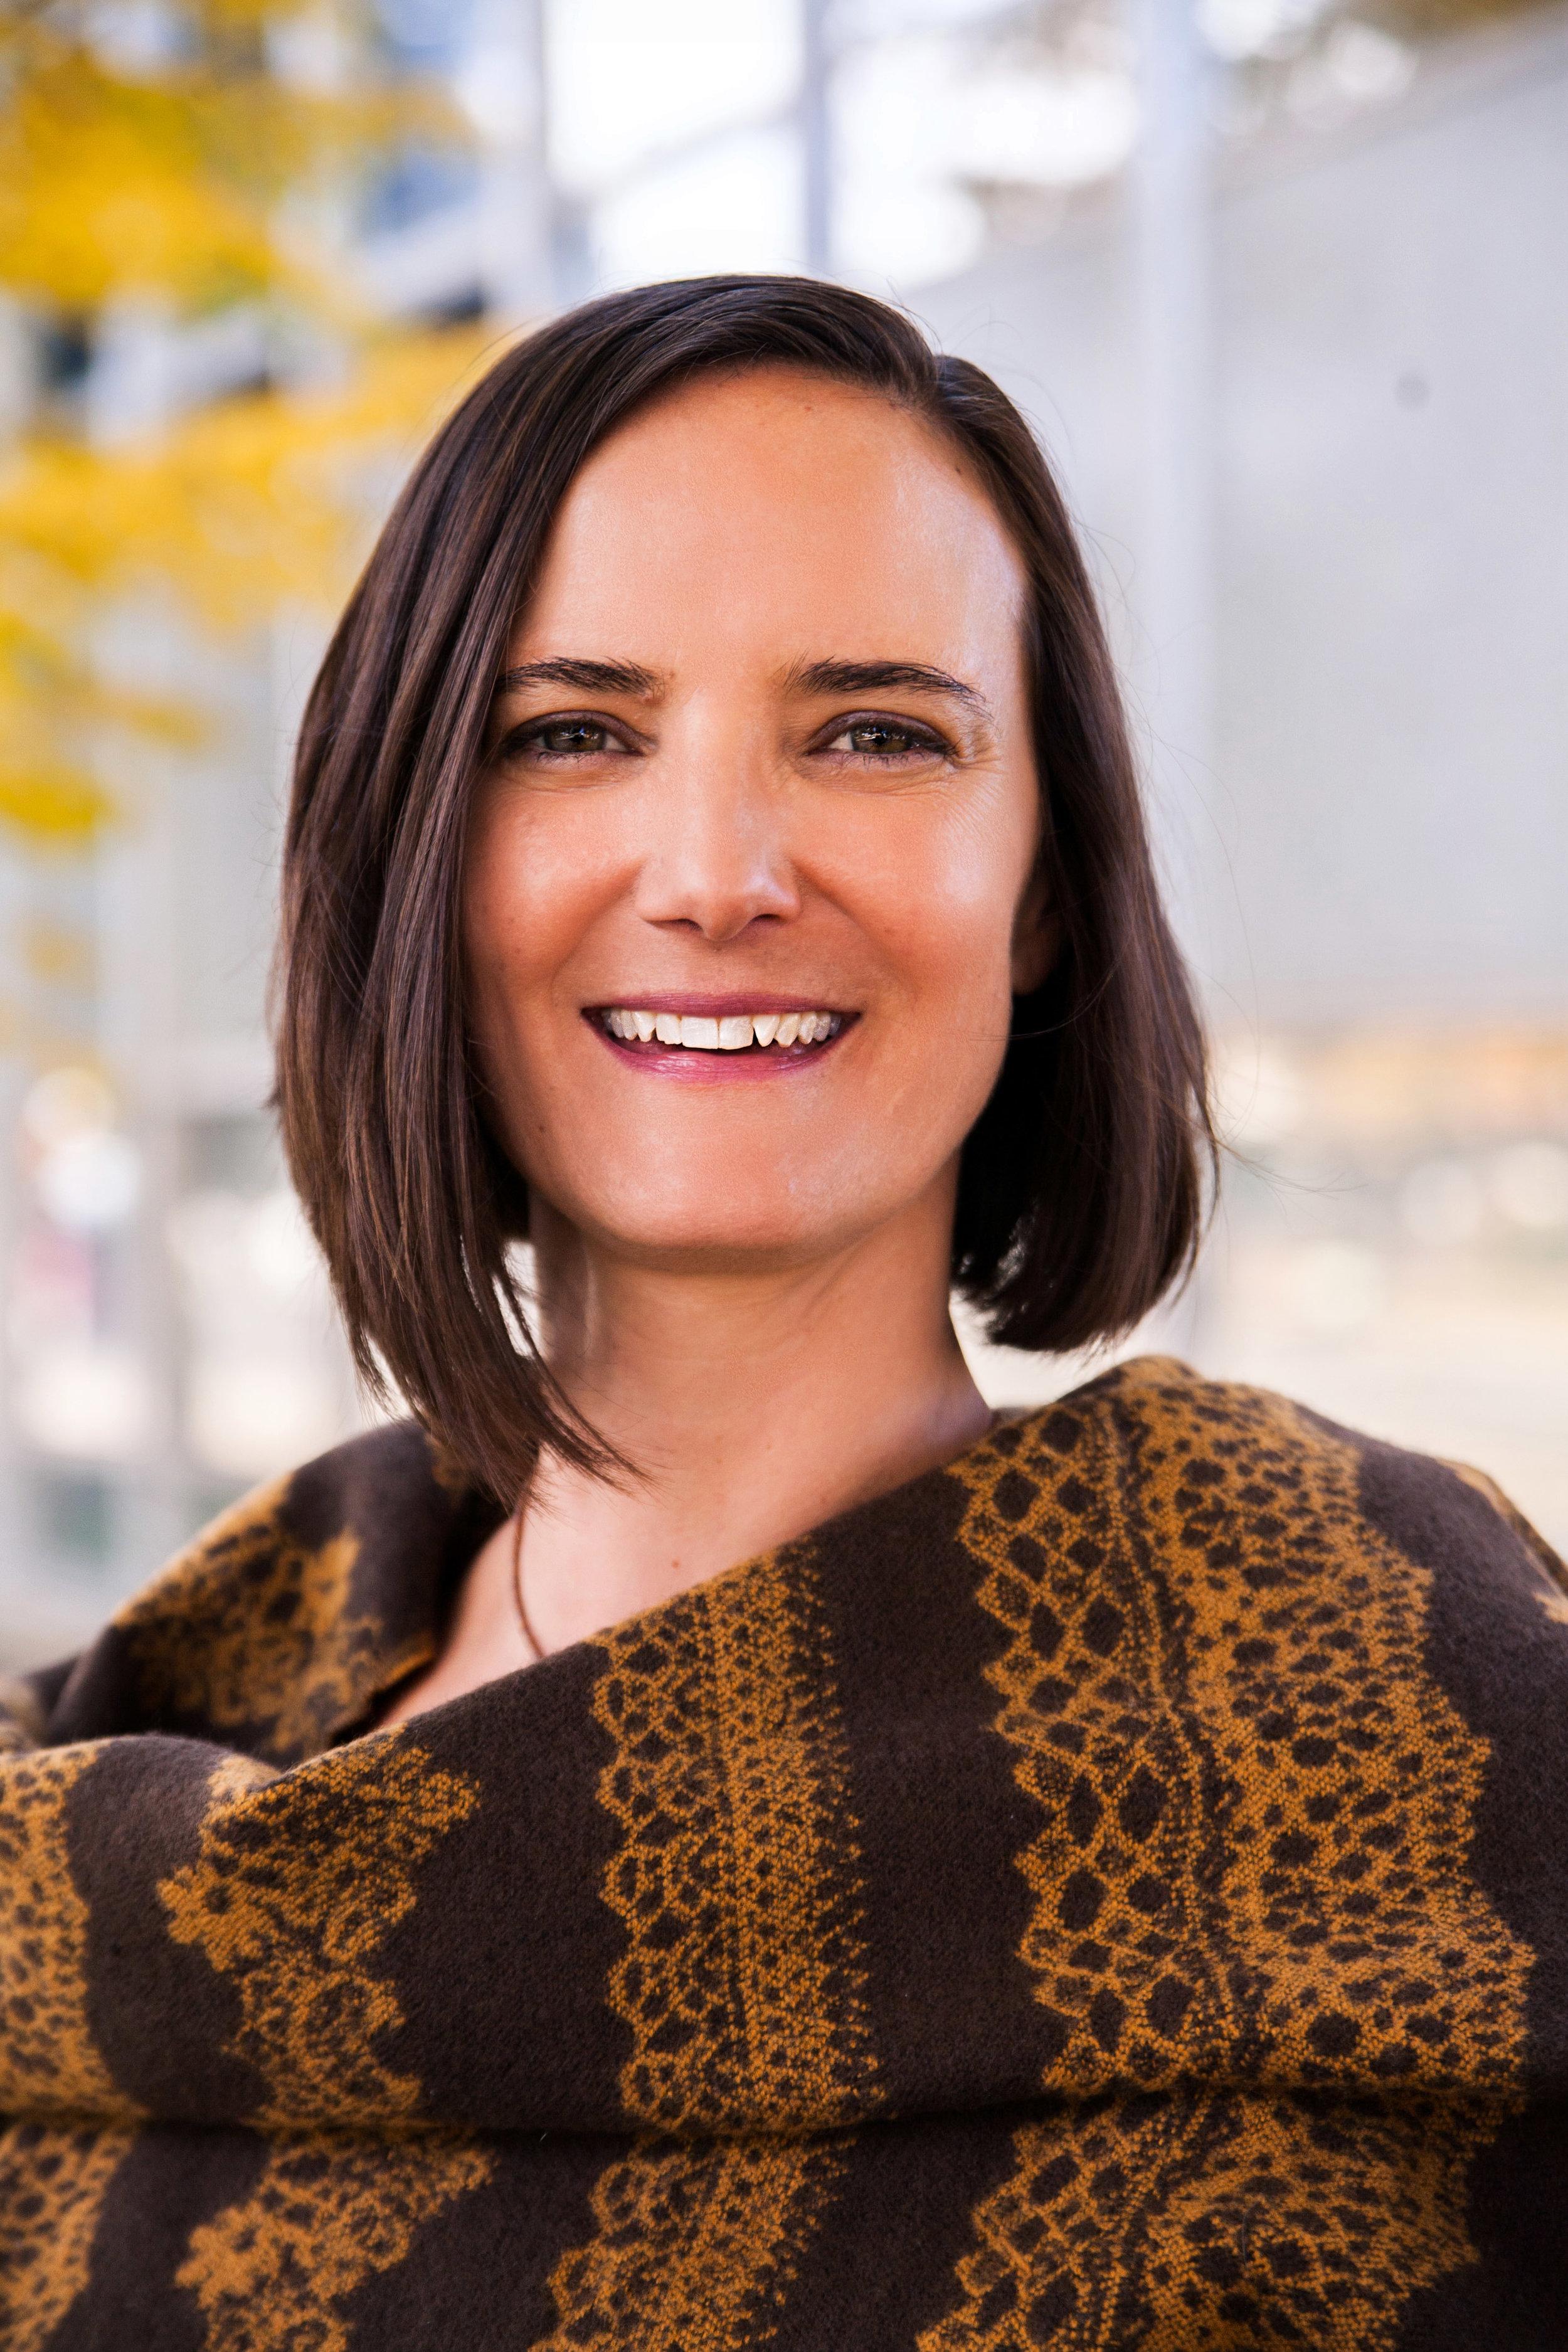 Denver Head shot Portrait Photographer Photography